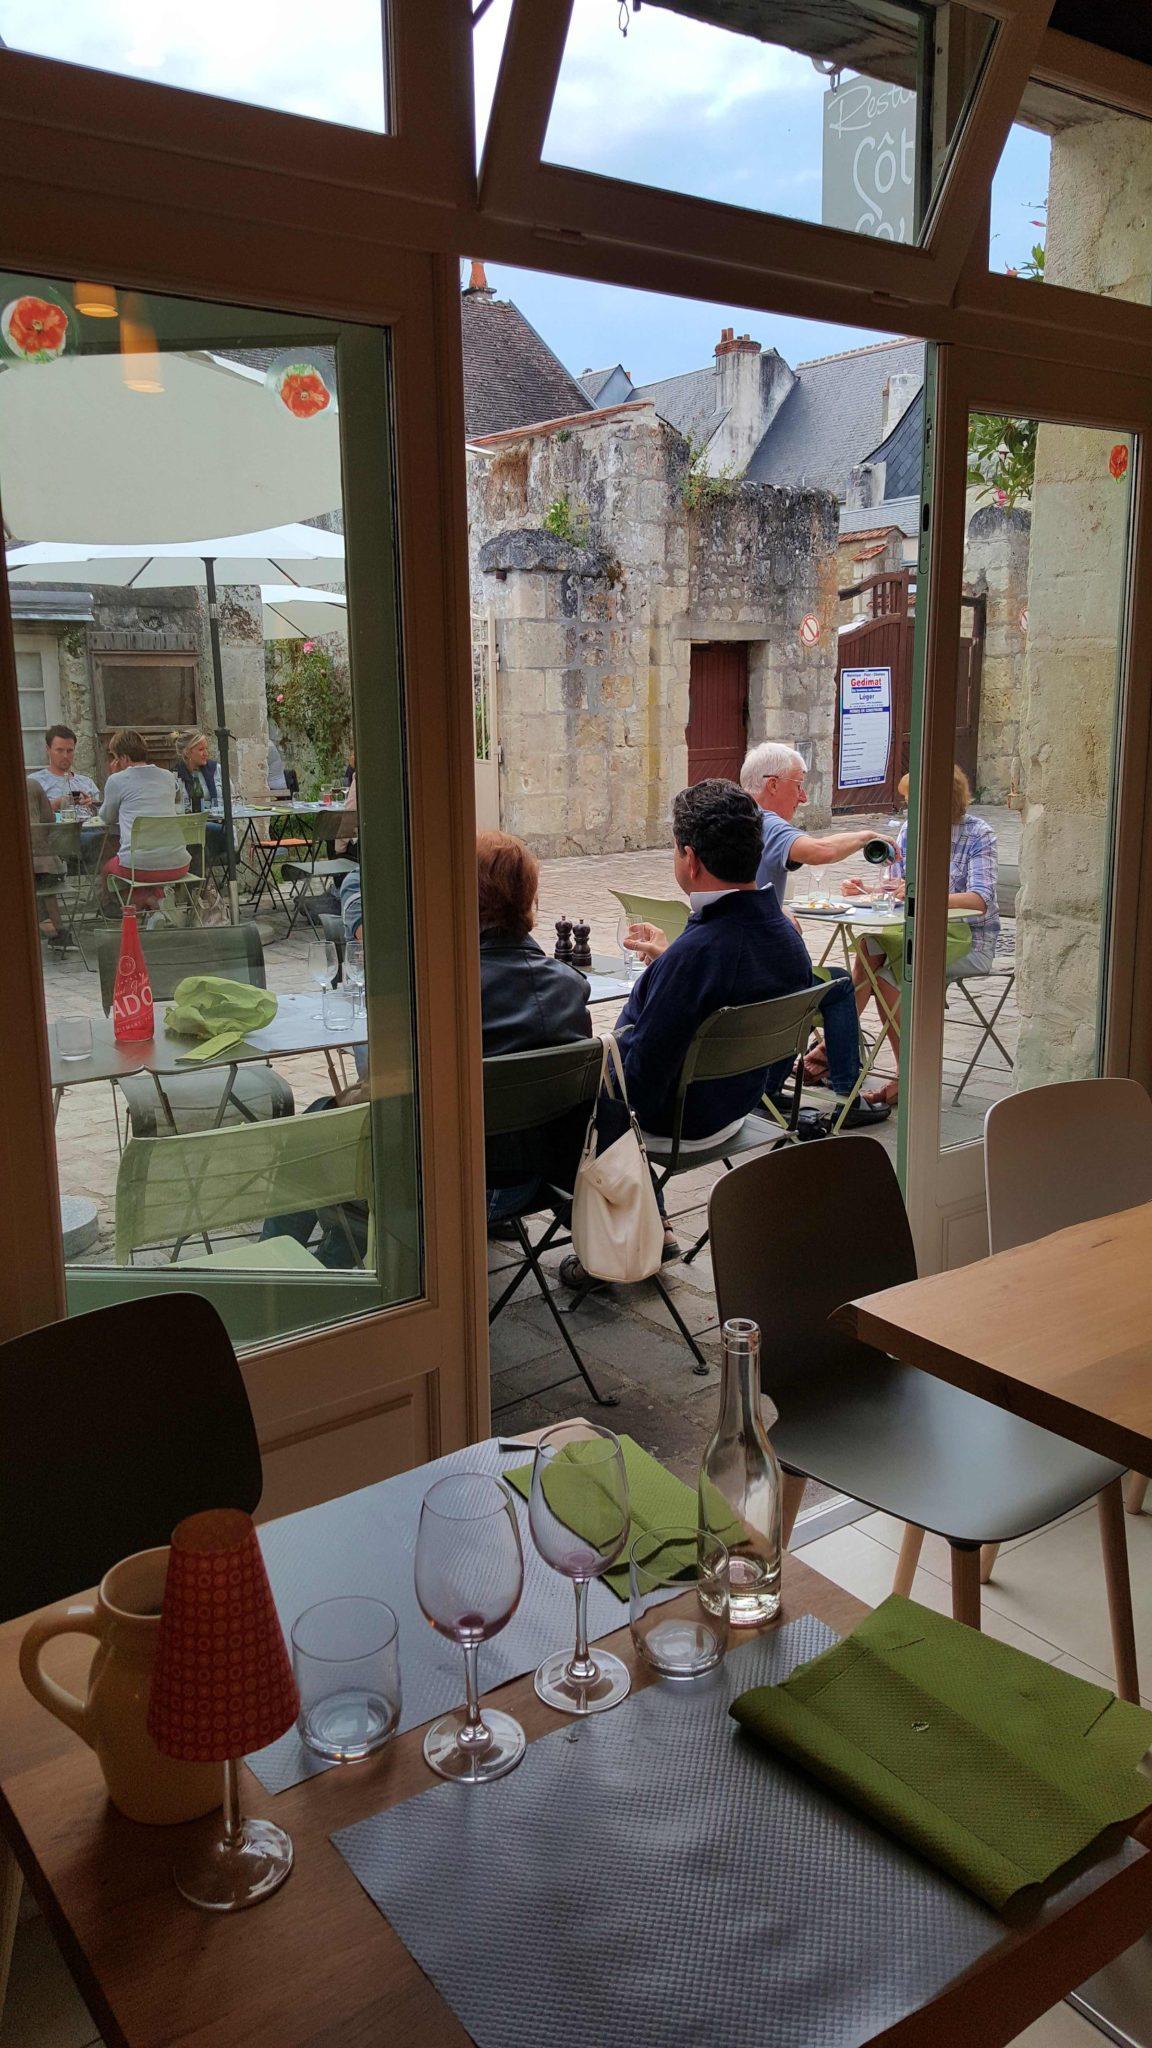 restaurante c 244 t 233 cour em azay le rideau vale do loire fran 231 a viaje comigo